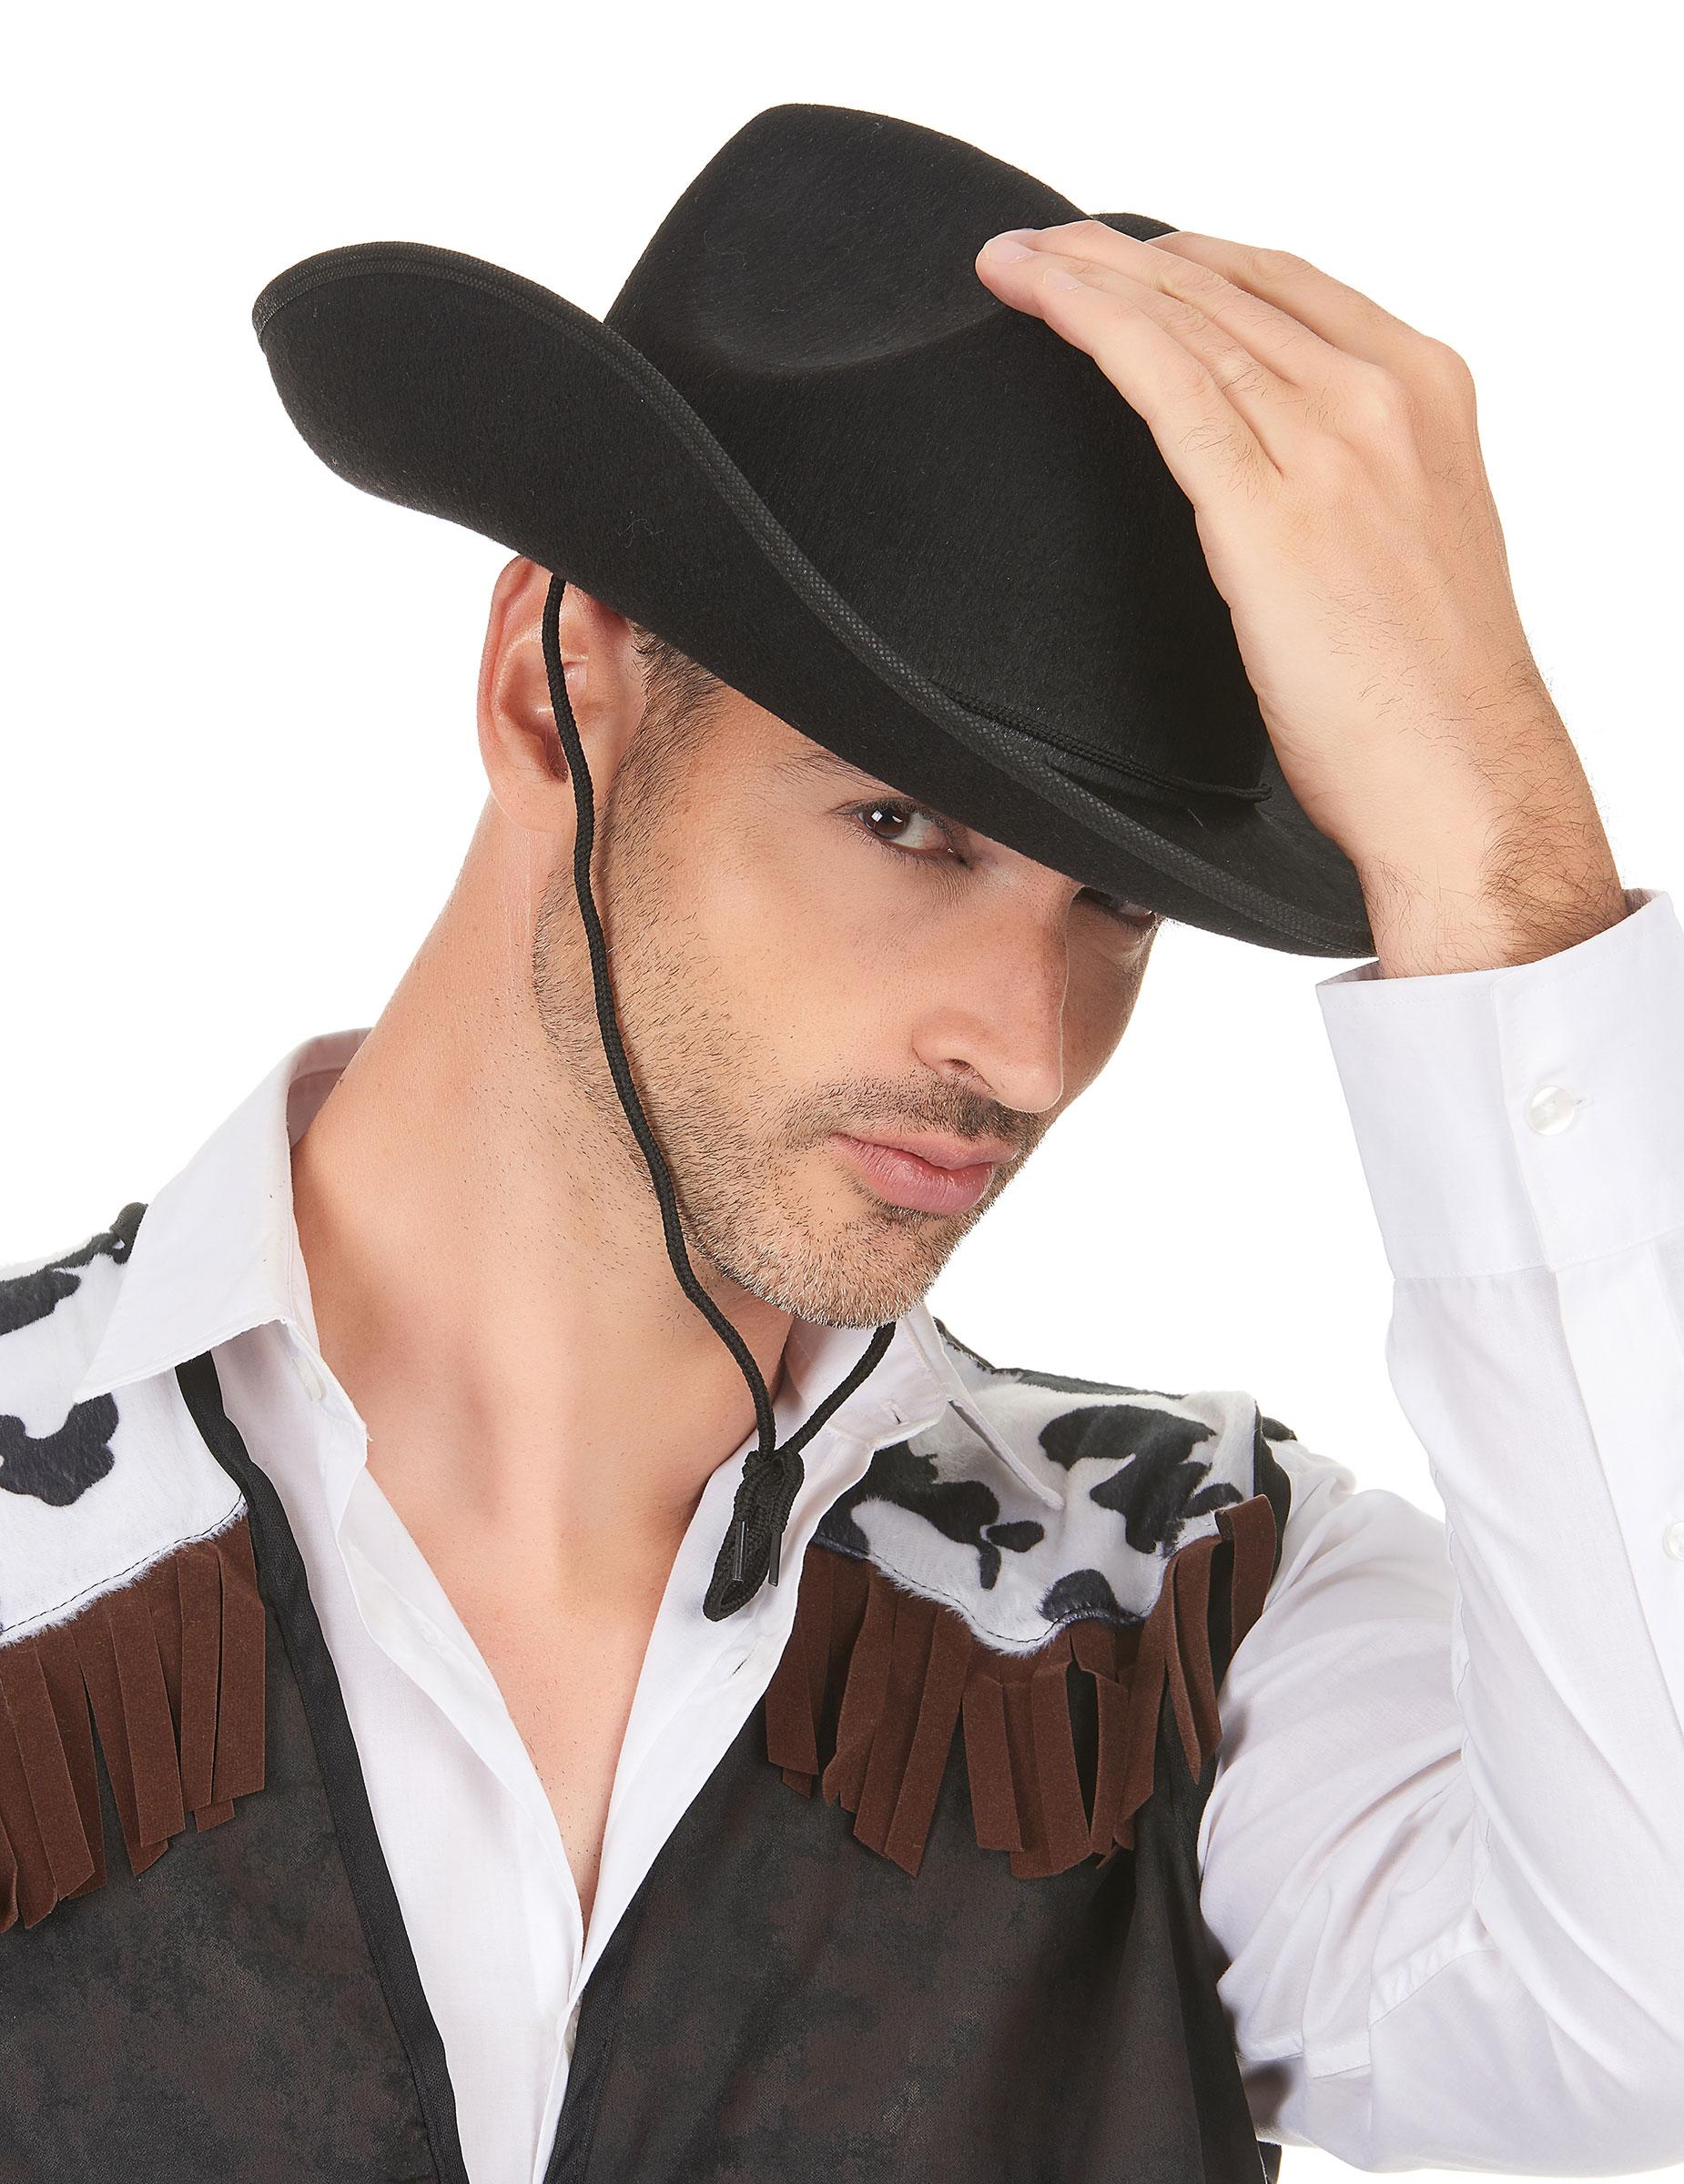 Cappello da cowboy nero per adulto su VegaooParty 0fa7b2c2172b